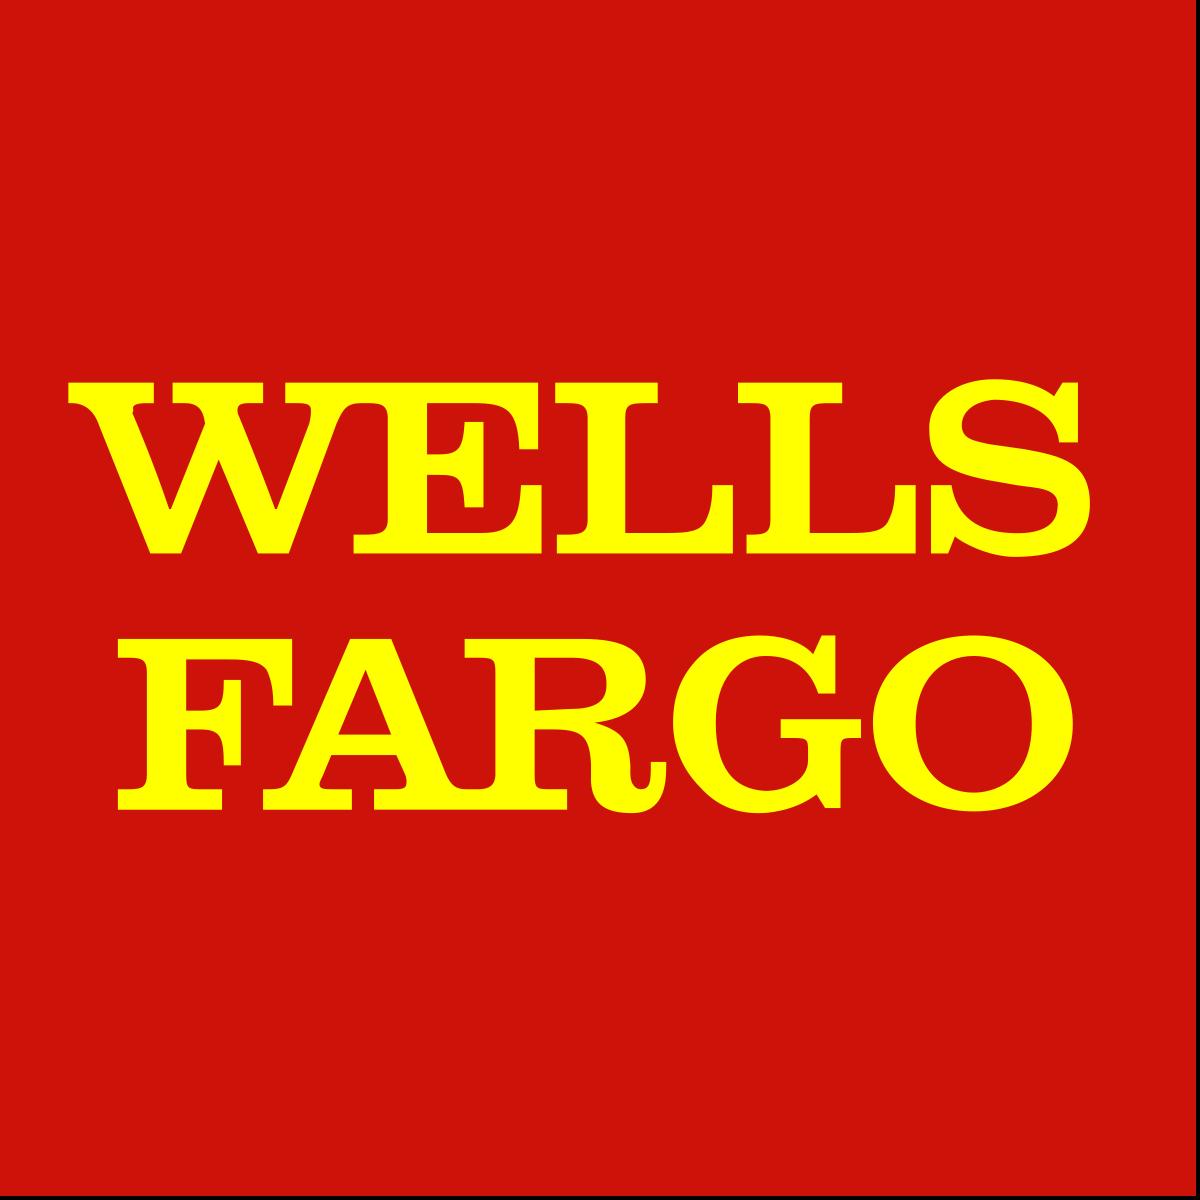 1200px-Wells_Fargo_Bank.png